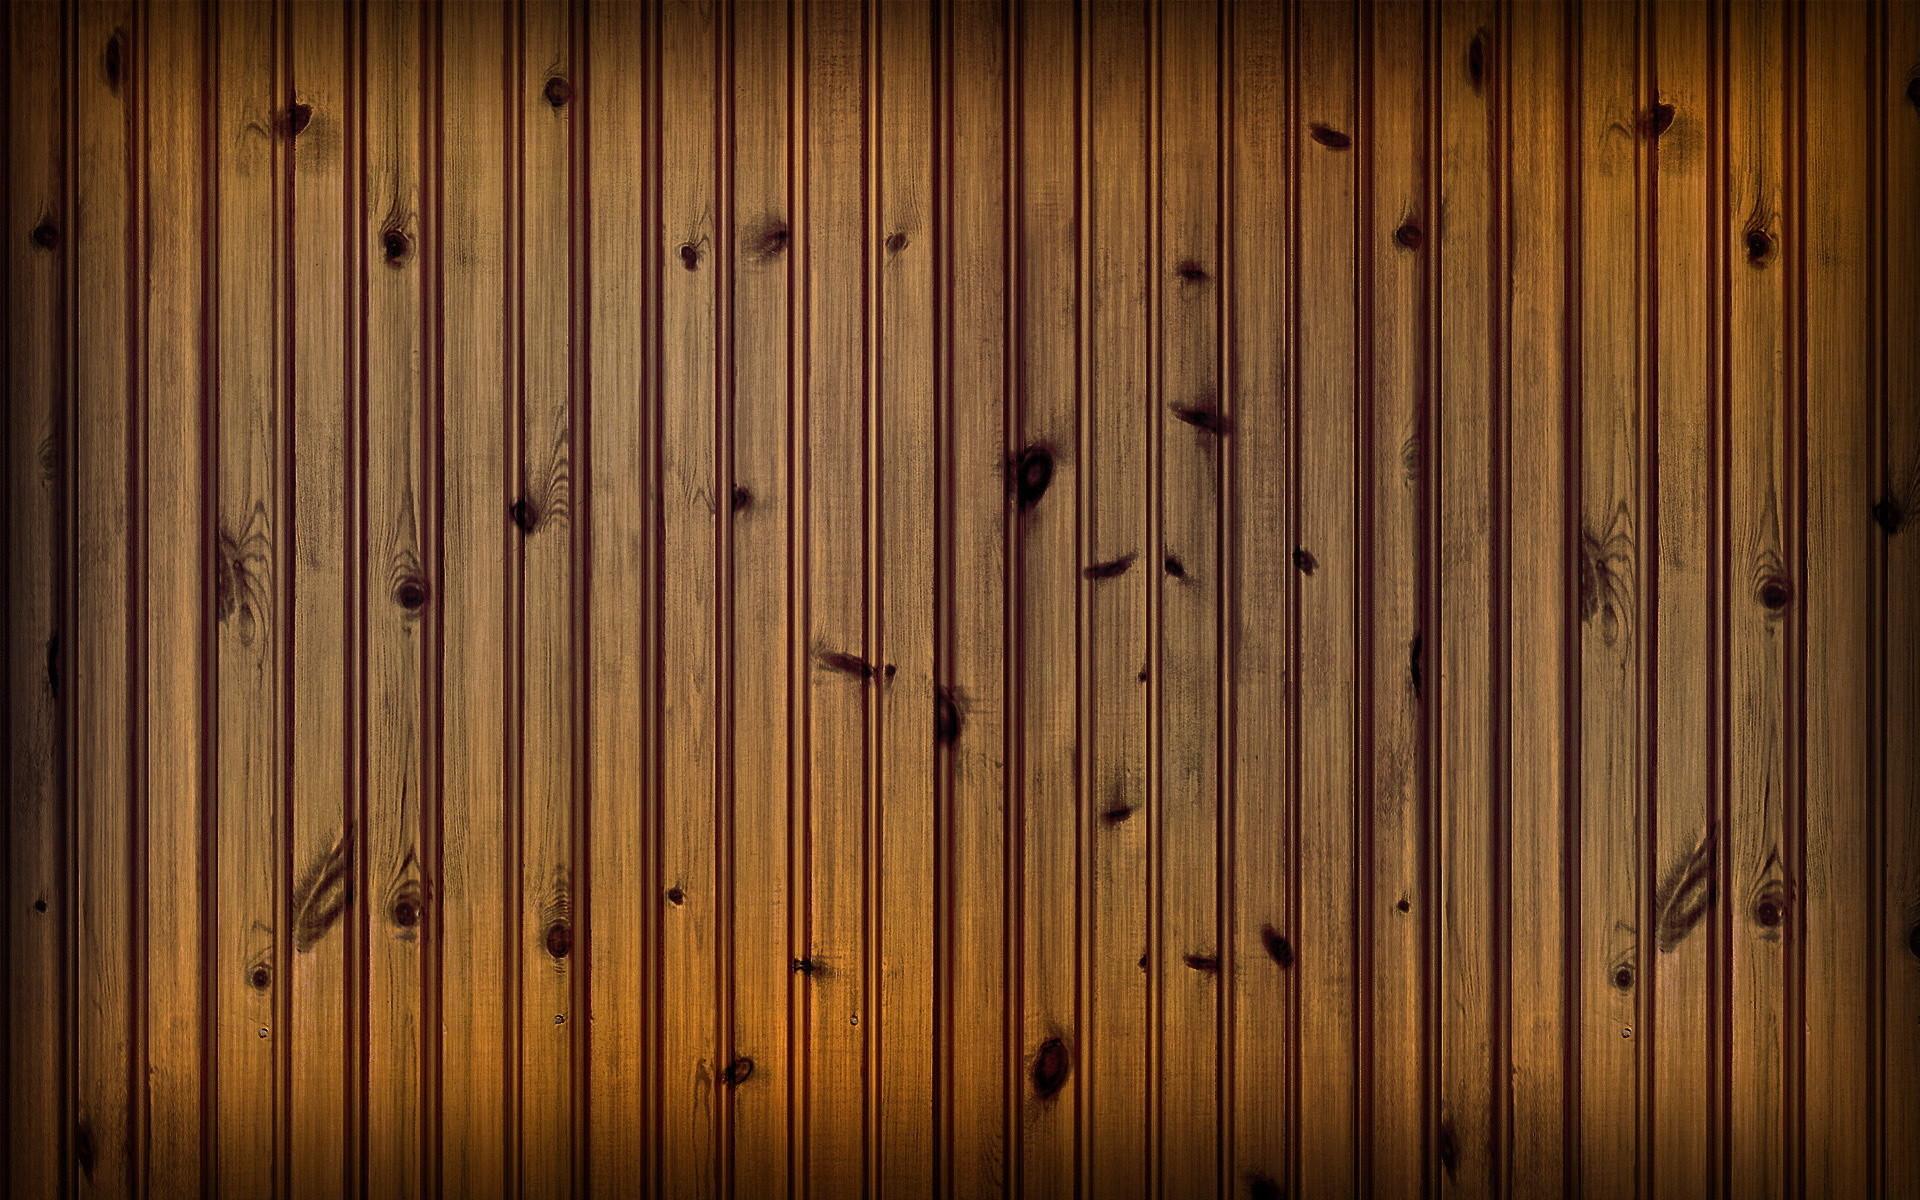 Black Wood Grain Wallpaper Wood Grain Desktop Wallpaper 183 ①